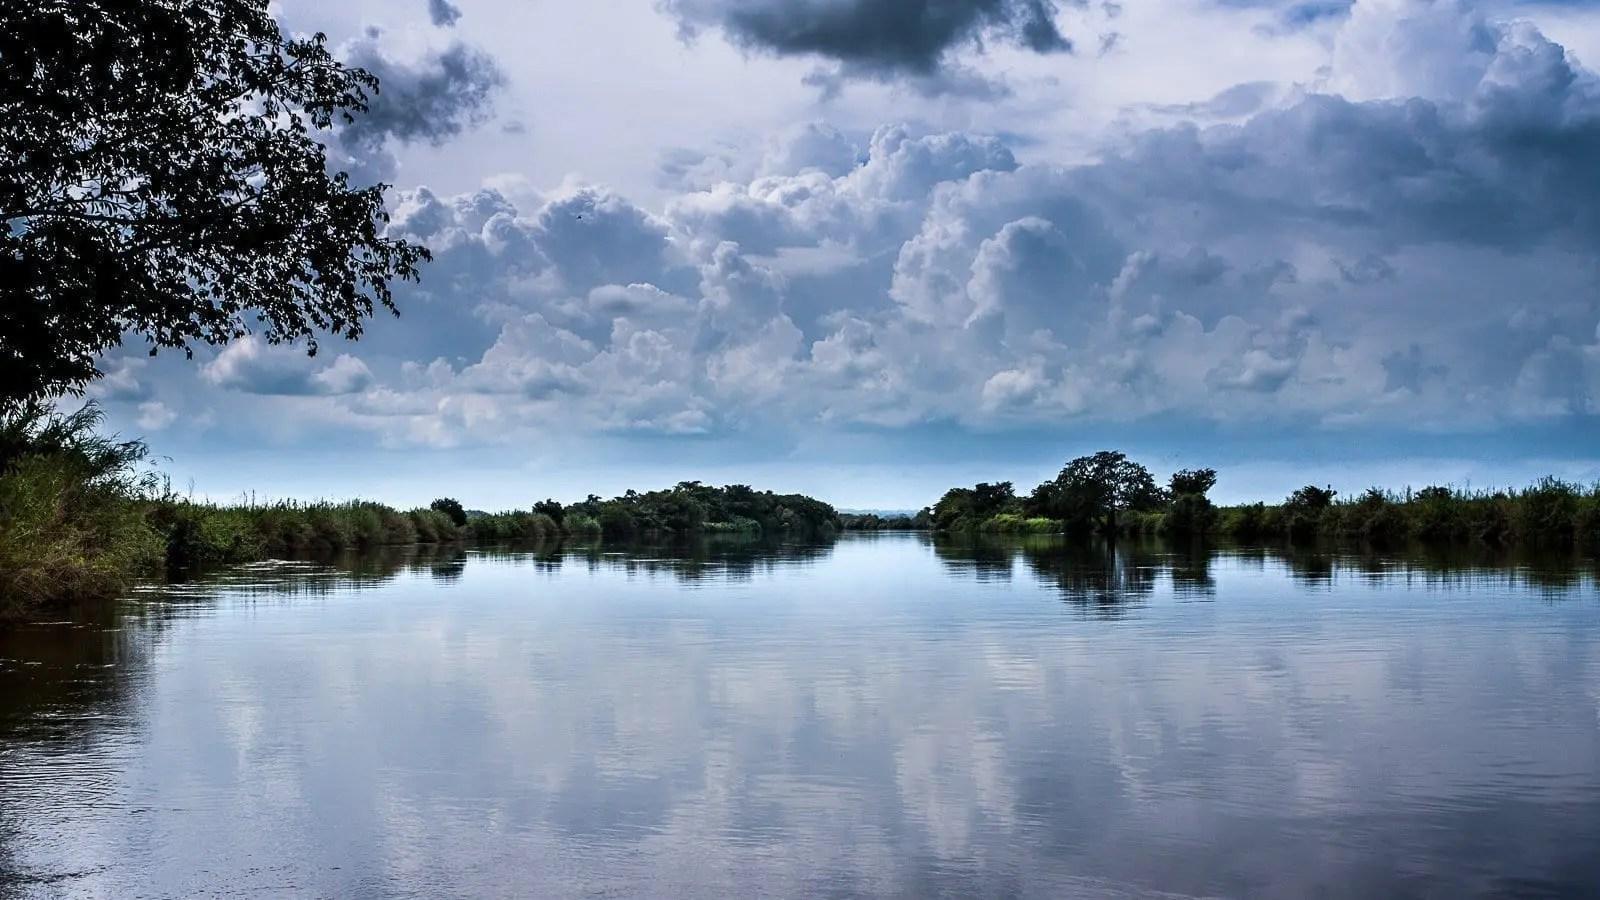 River | Gabriele Orlini, ©2019